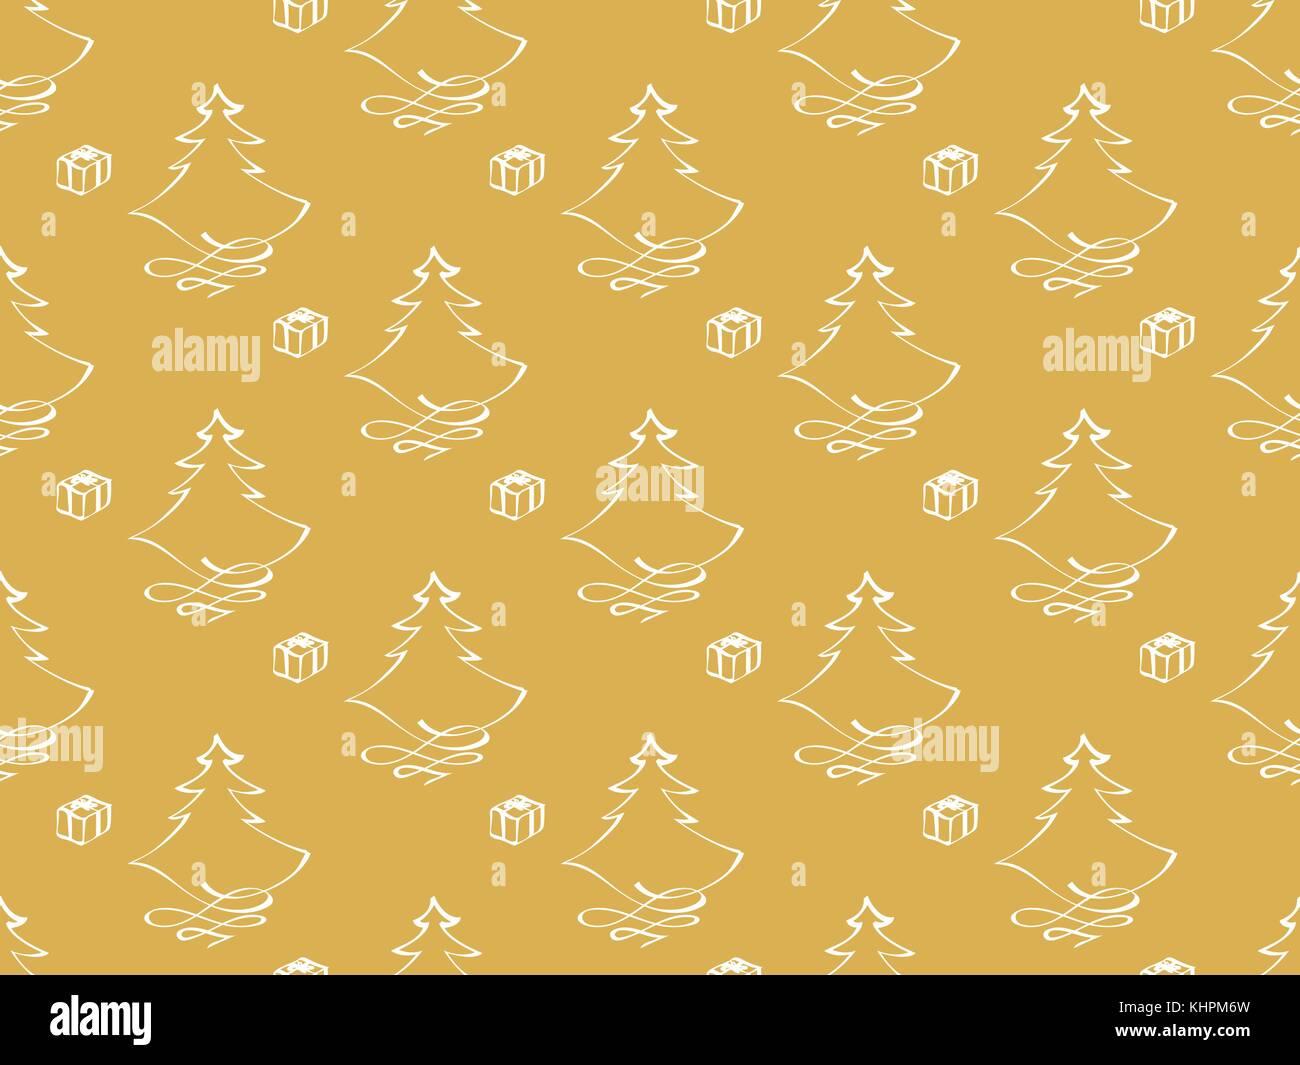 Themen Zu Weihnachten.Hand Gezeichnet Vektor Weihnachten Themen Mit Baum Und Geschenk Auf